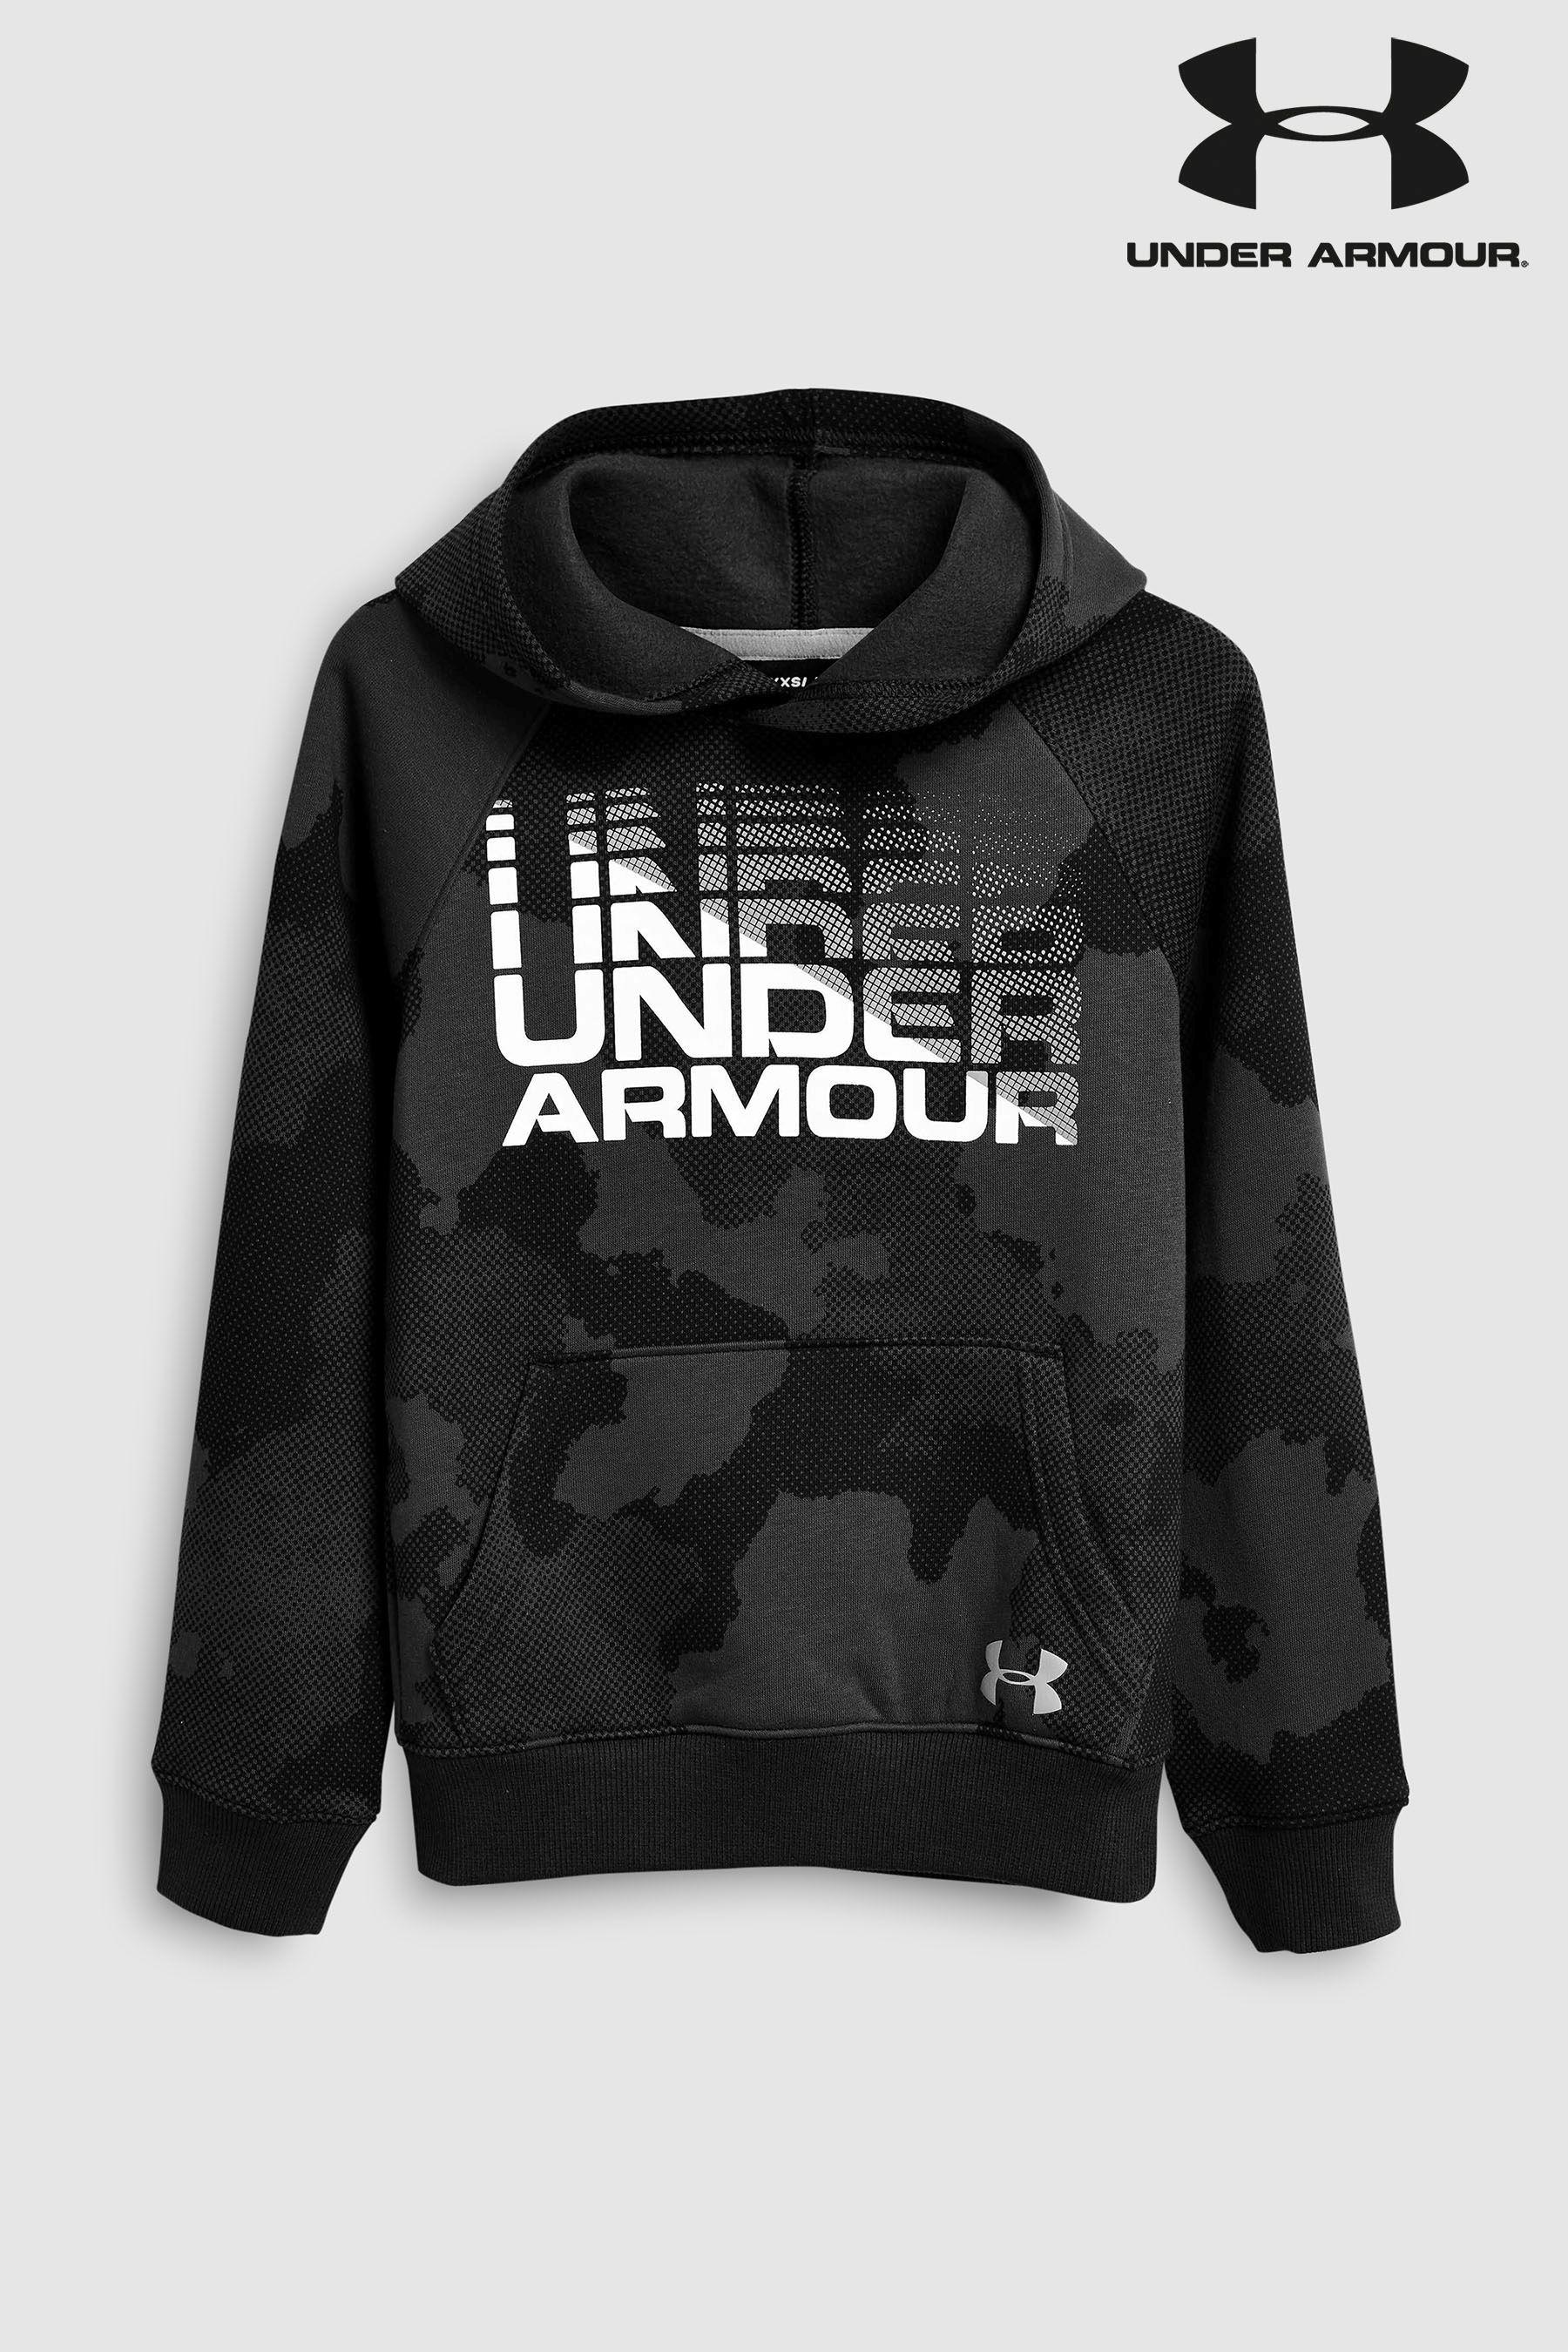 e6e346e4839 Boys Under Armour Black Camo Rival Wordmark Hoody - Black